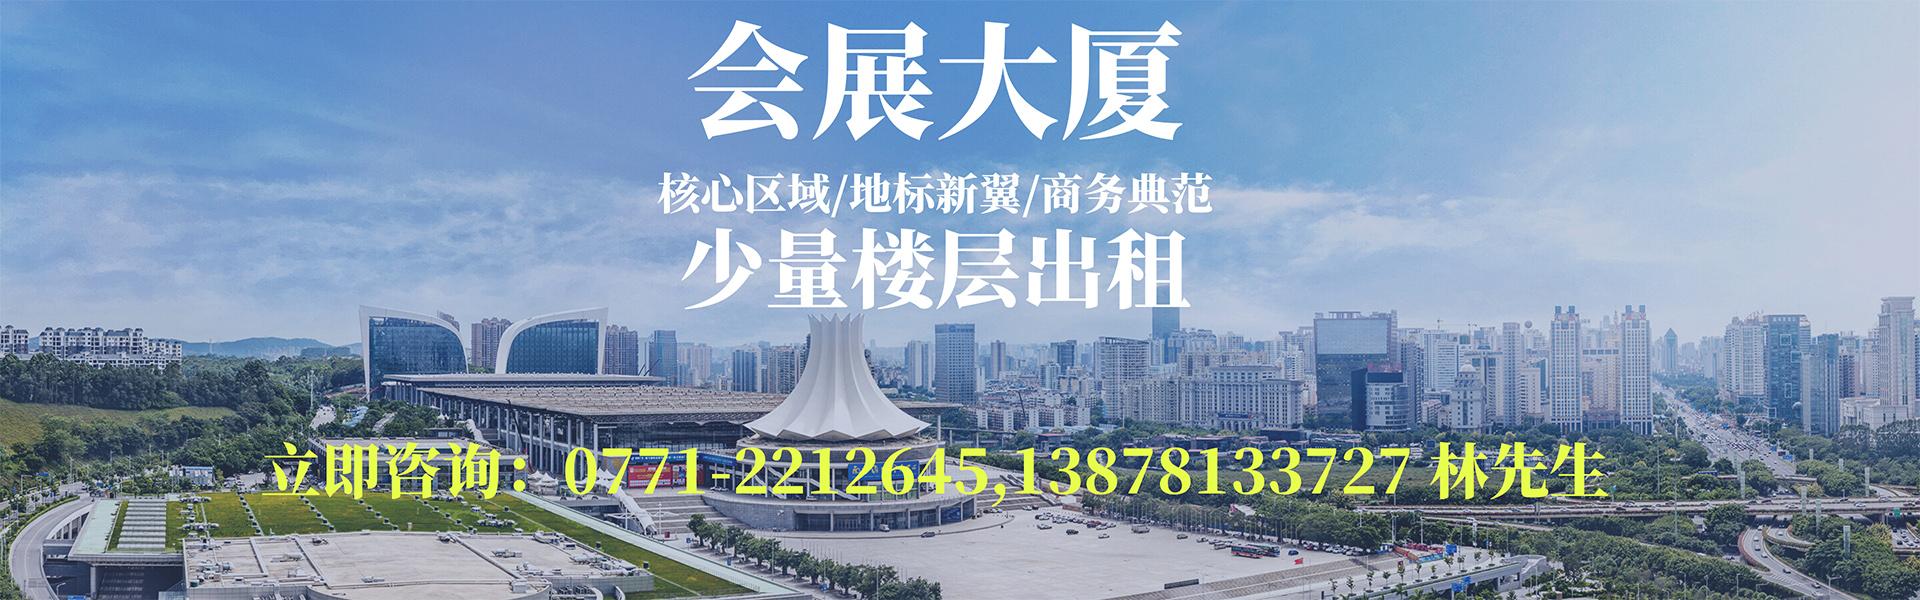 广西会展大厦招商公告